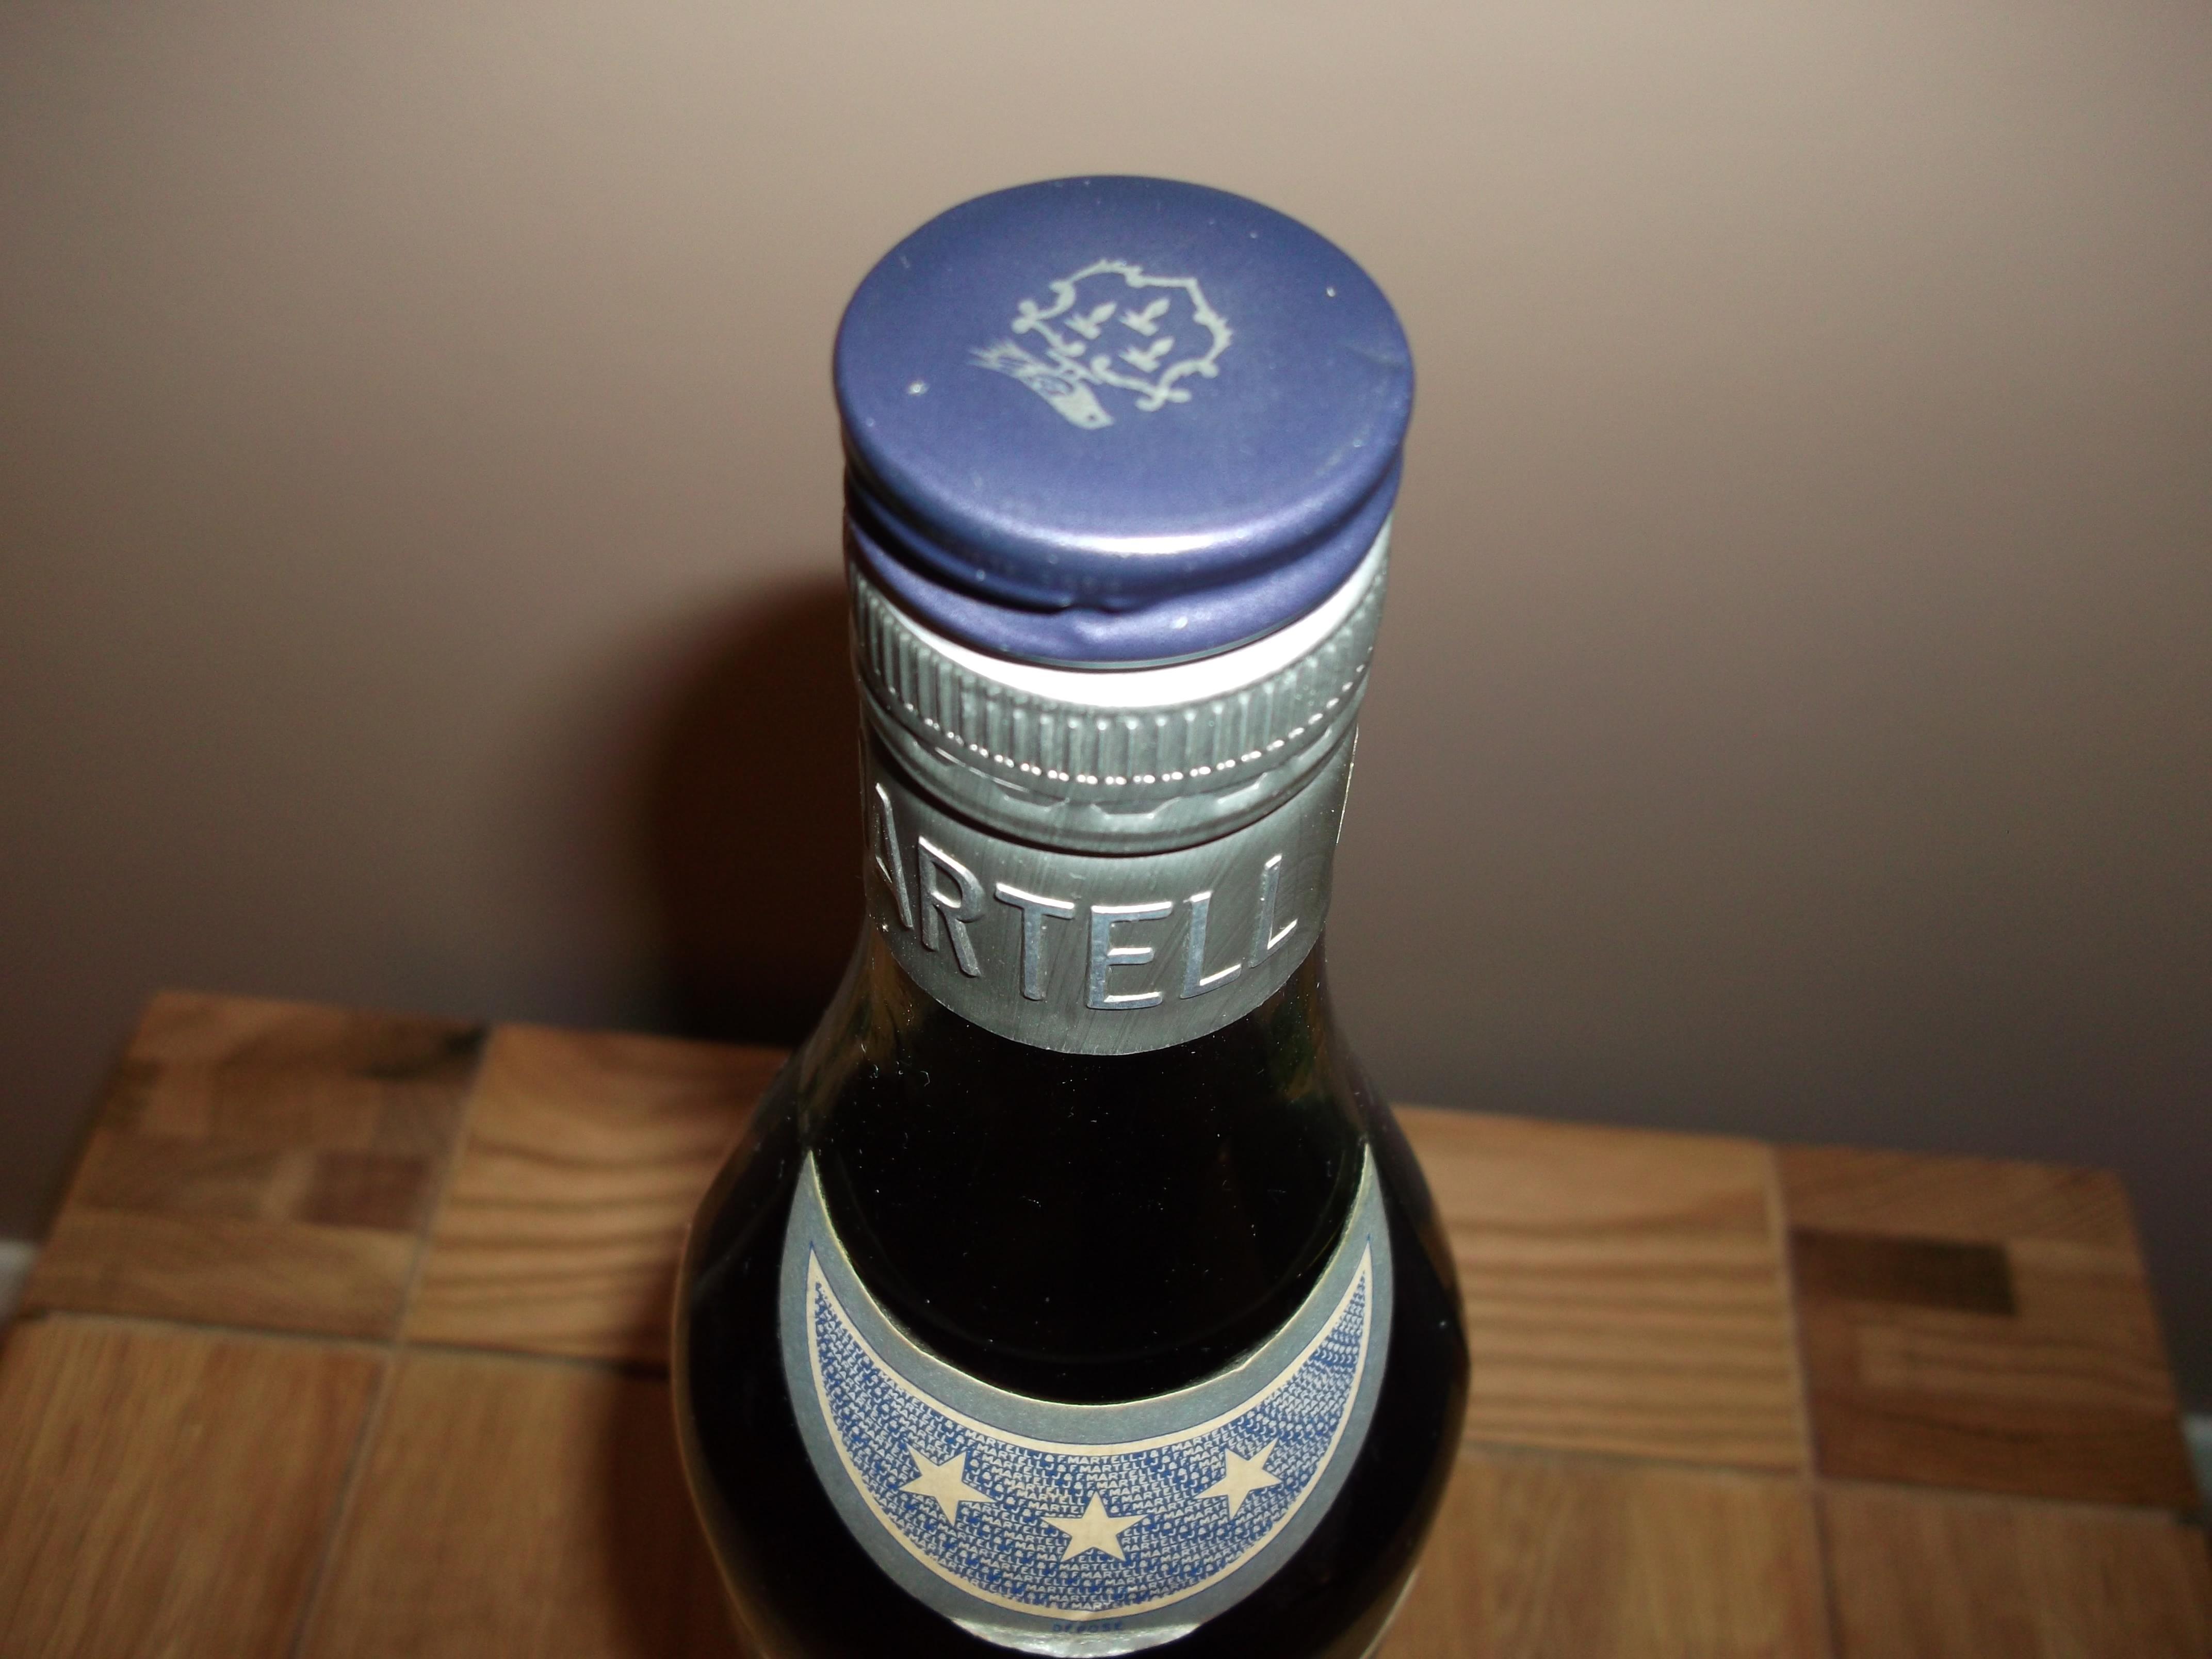 Bottleneck Martell 3 Star Bottle